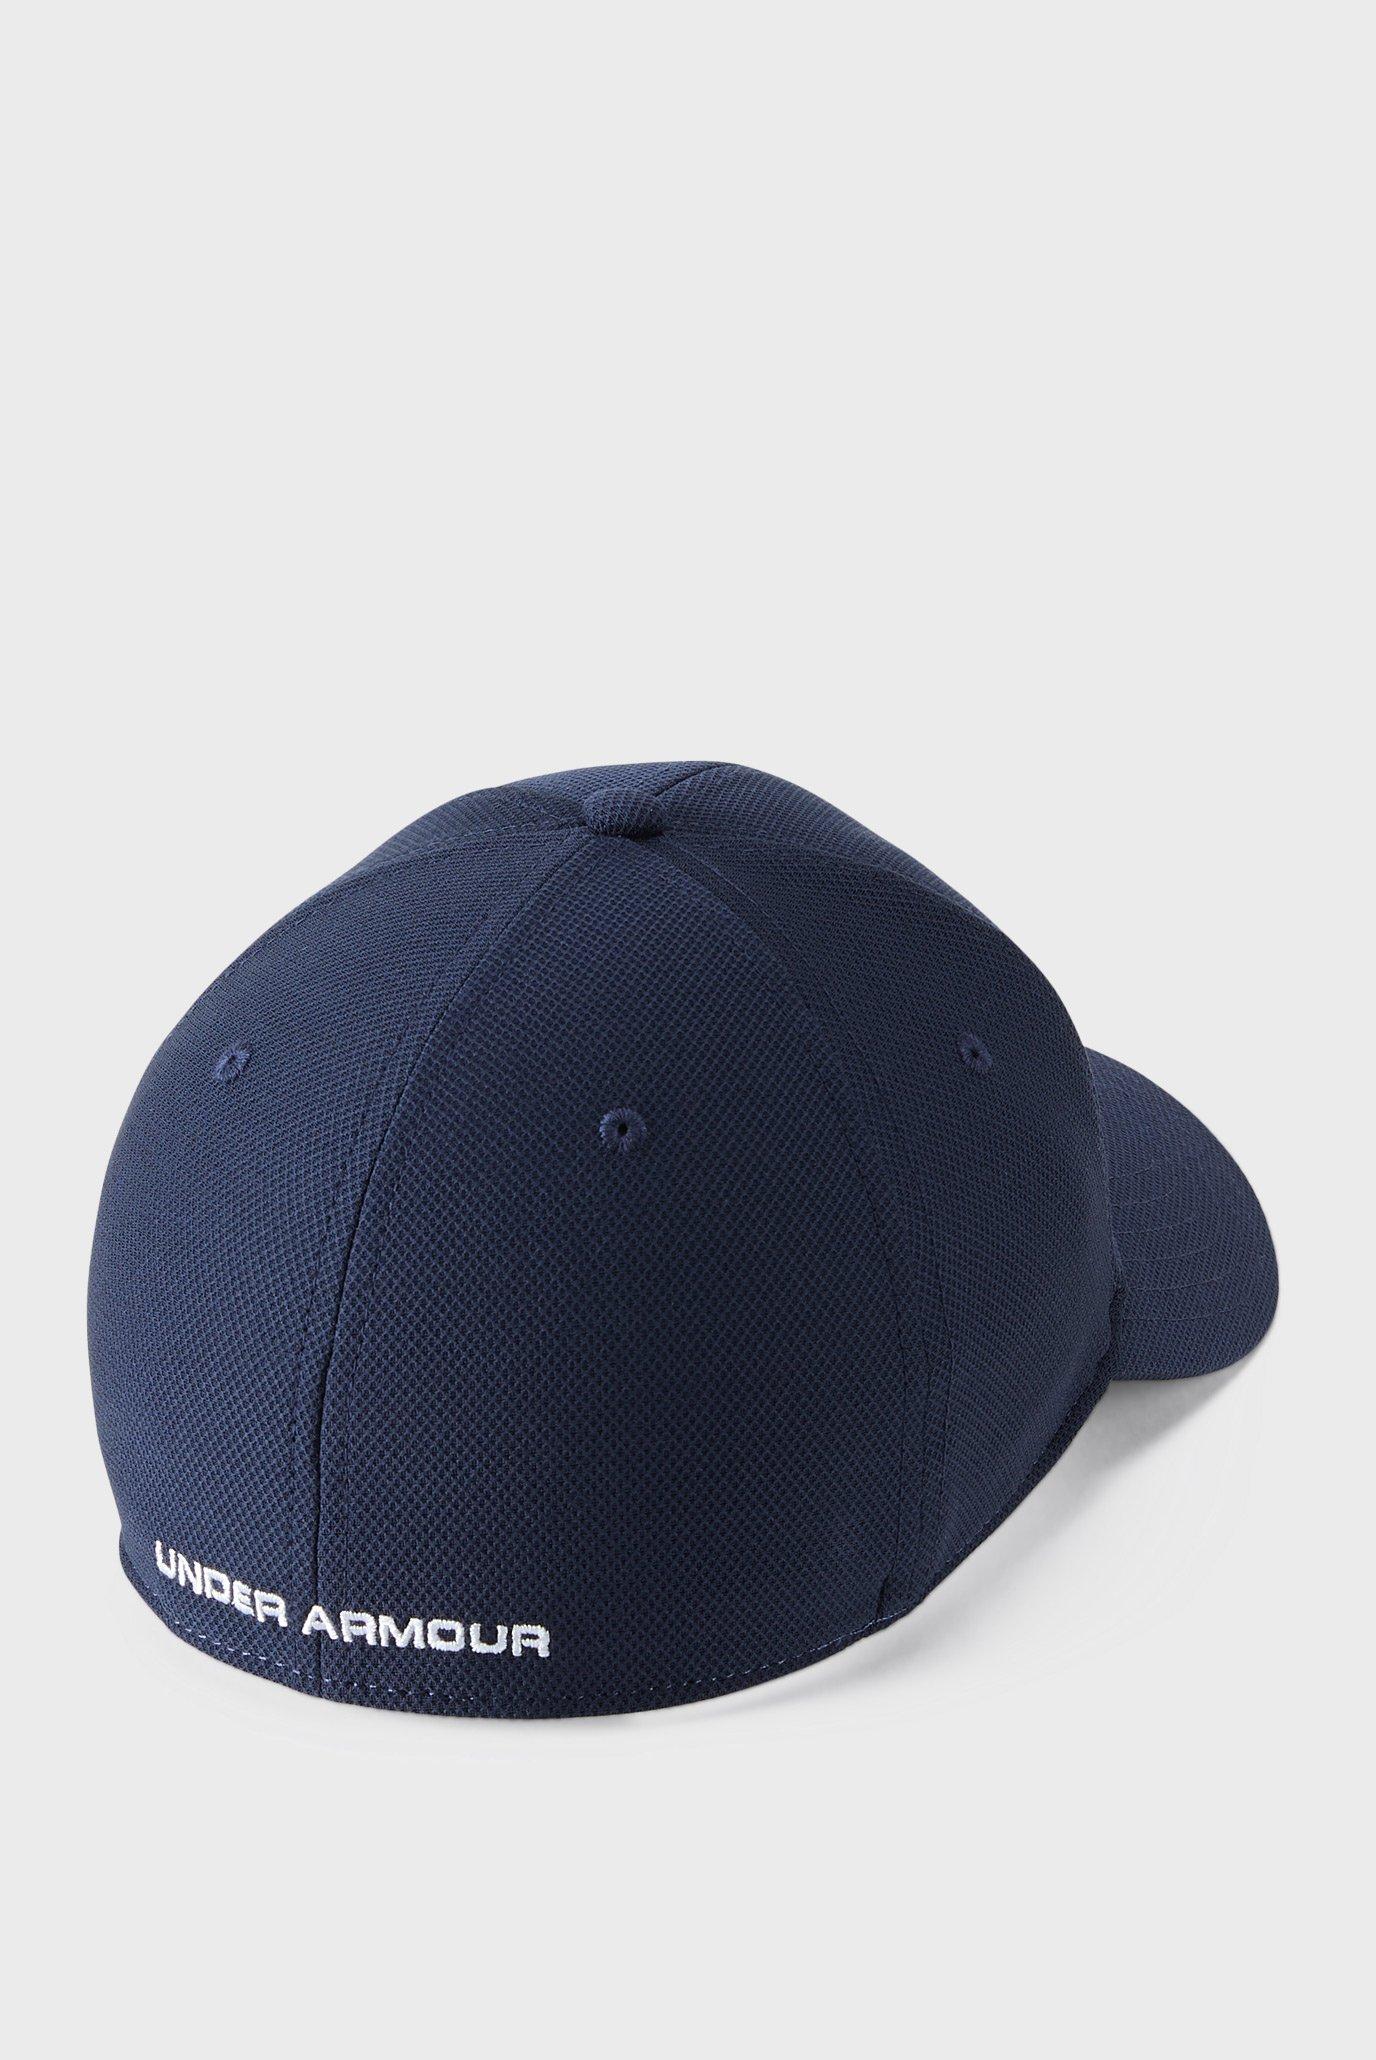 Купить Мужская темно-синяя кепка Blitzing 3.0 Under Armour Under Armour 1305036-410 – Киев, Украина. Цены в интернет магазине MD Fashion